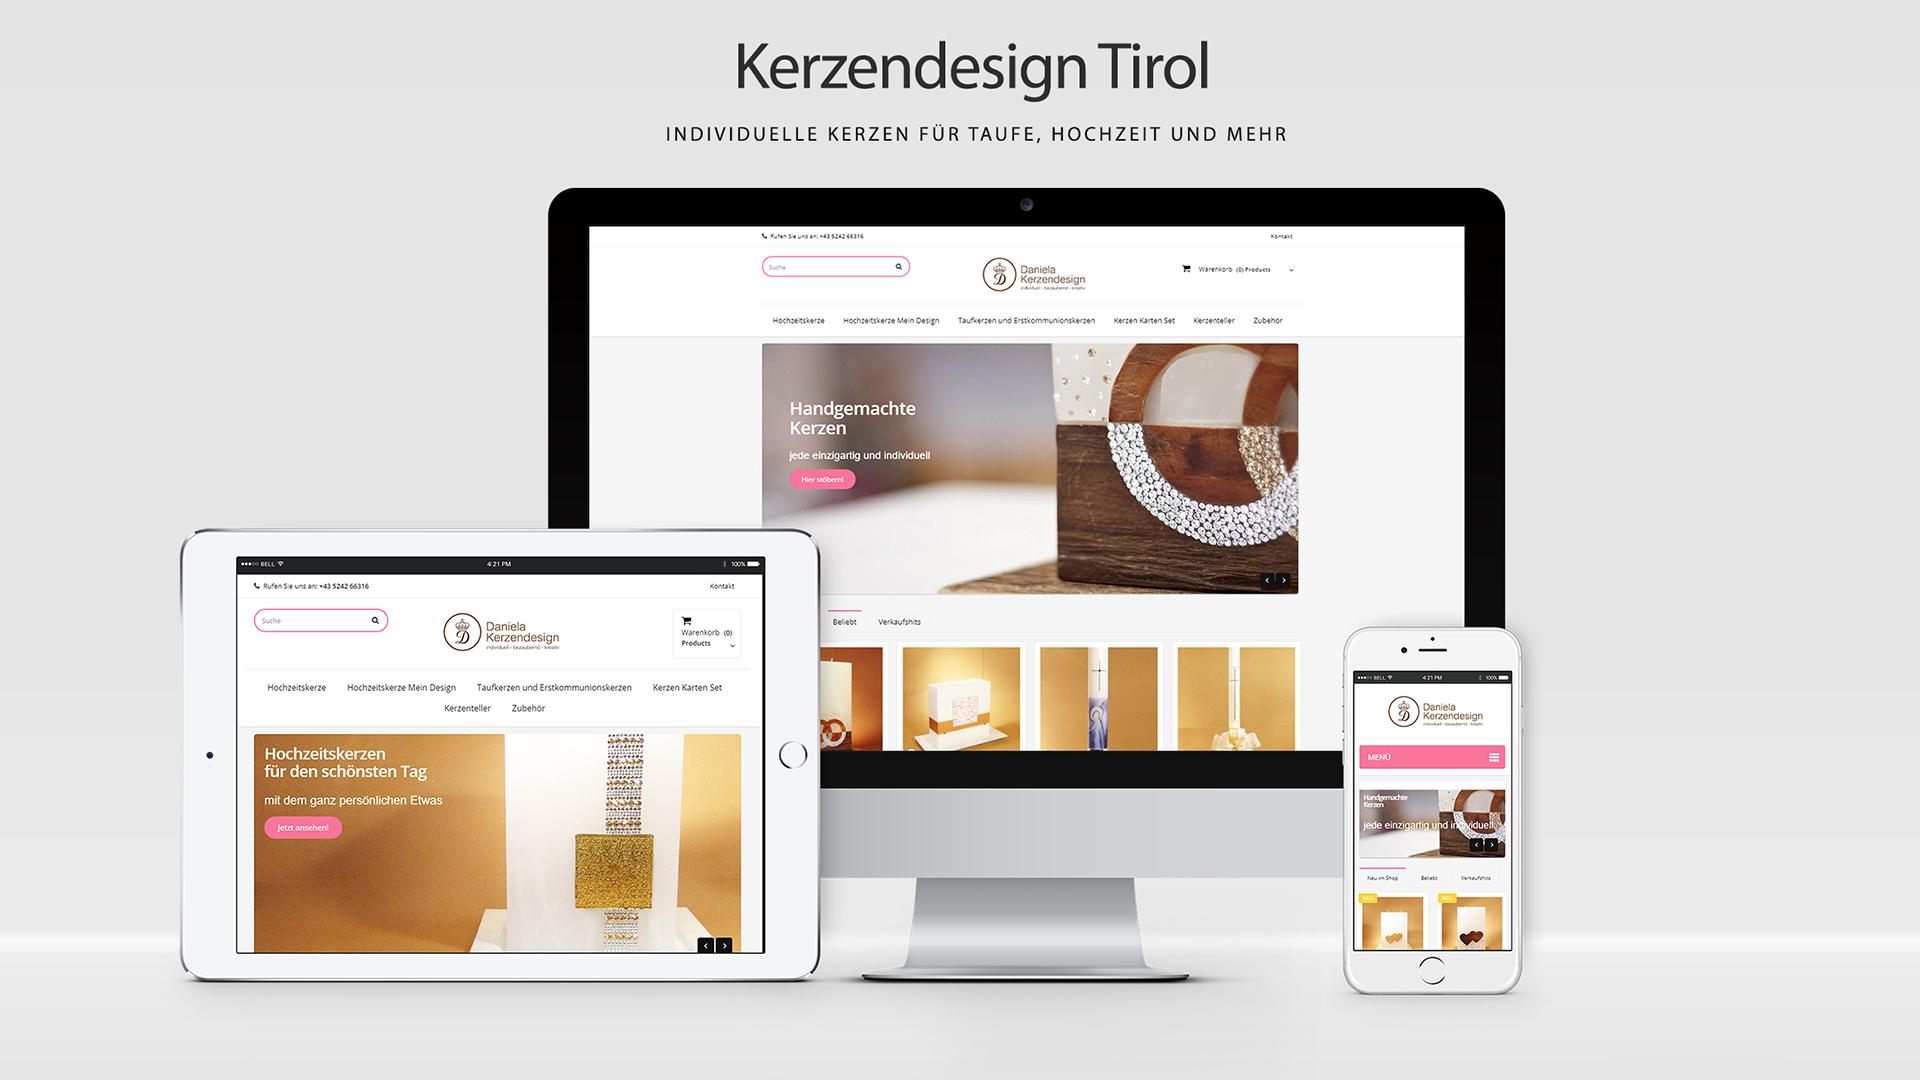 Kerzendesign Tirol - Online Shop auf Basis von PrestaShop